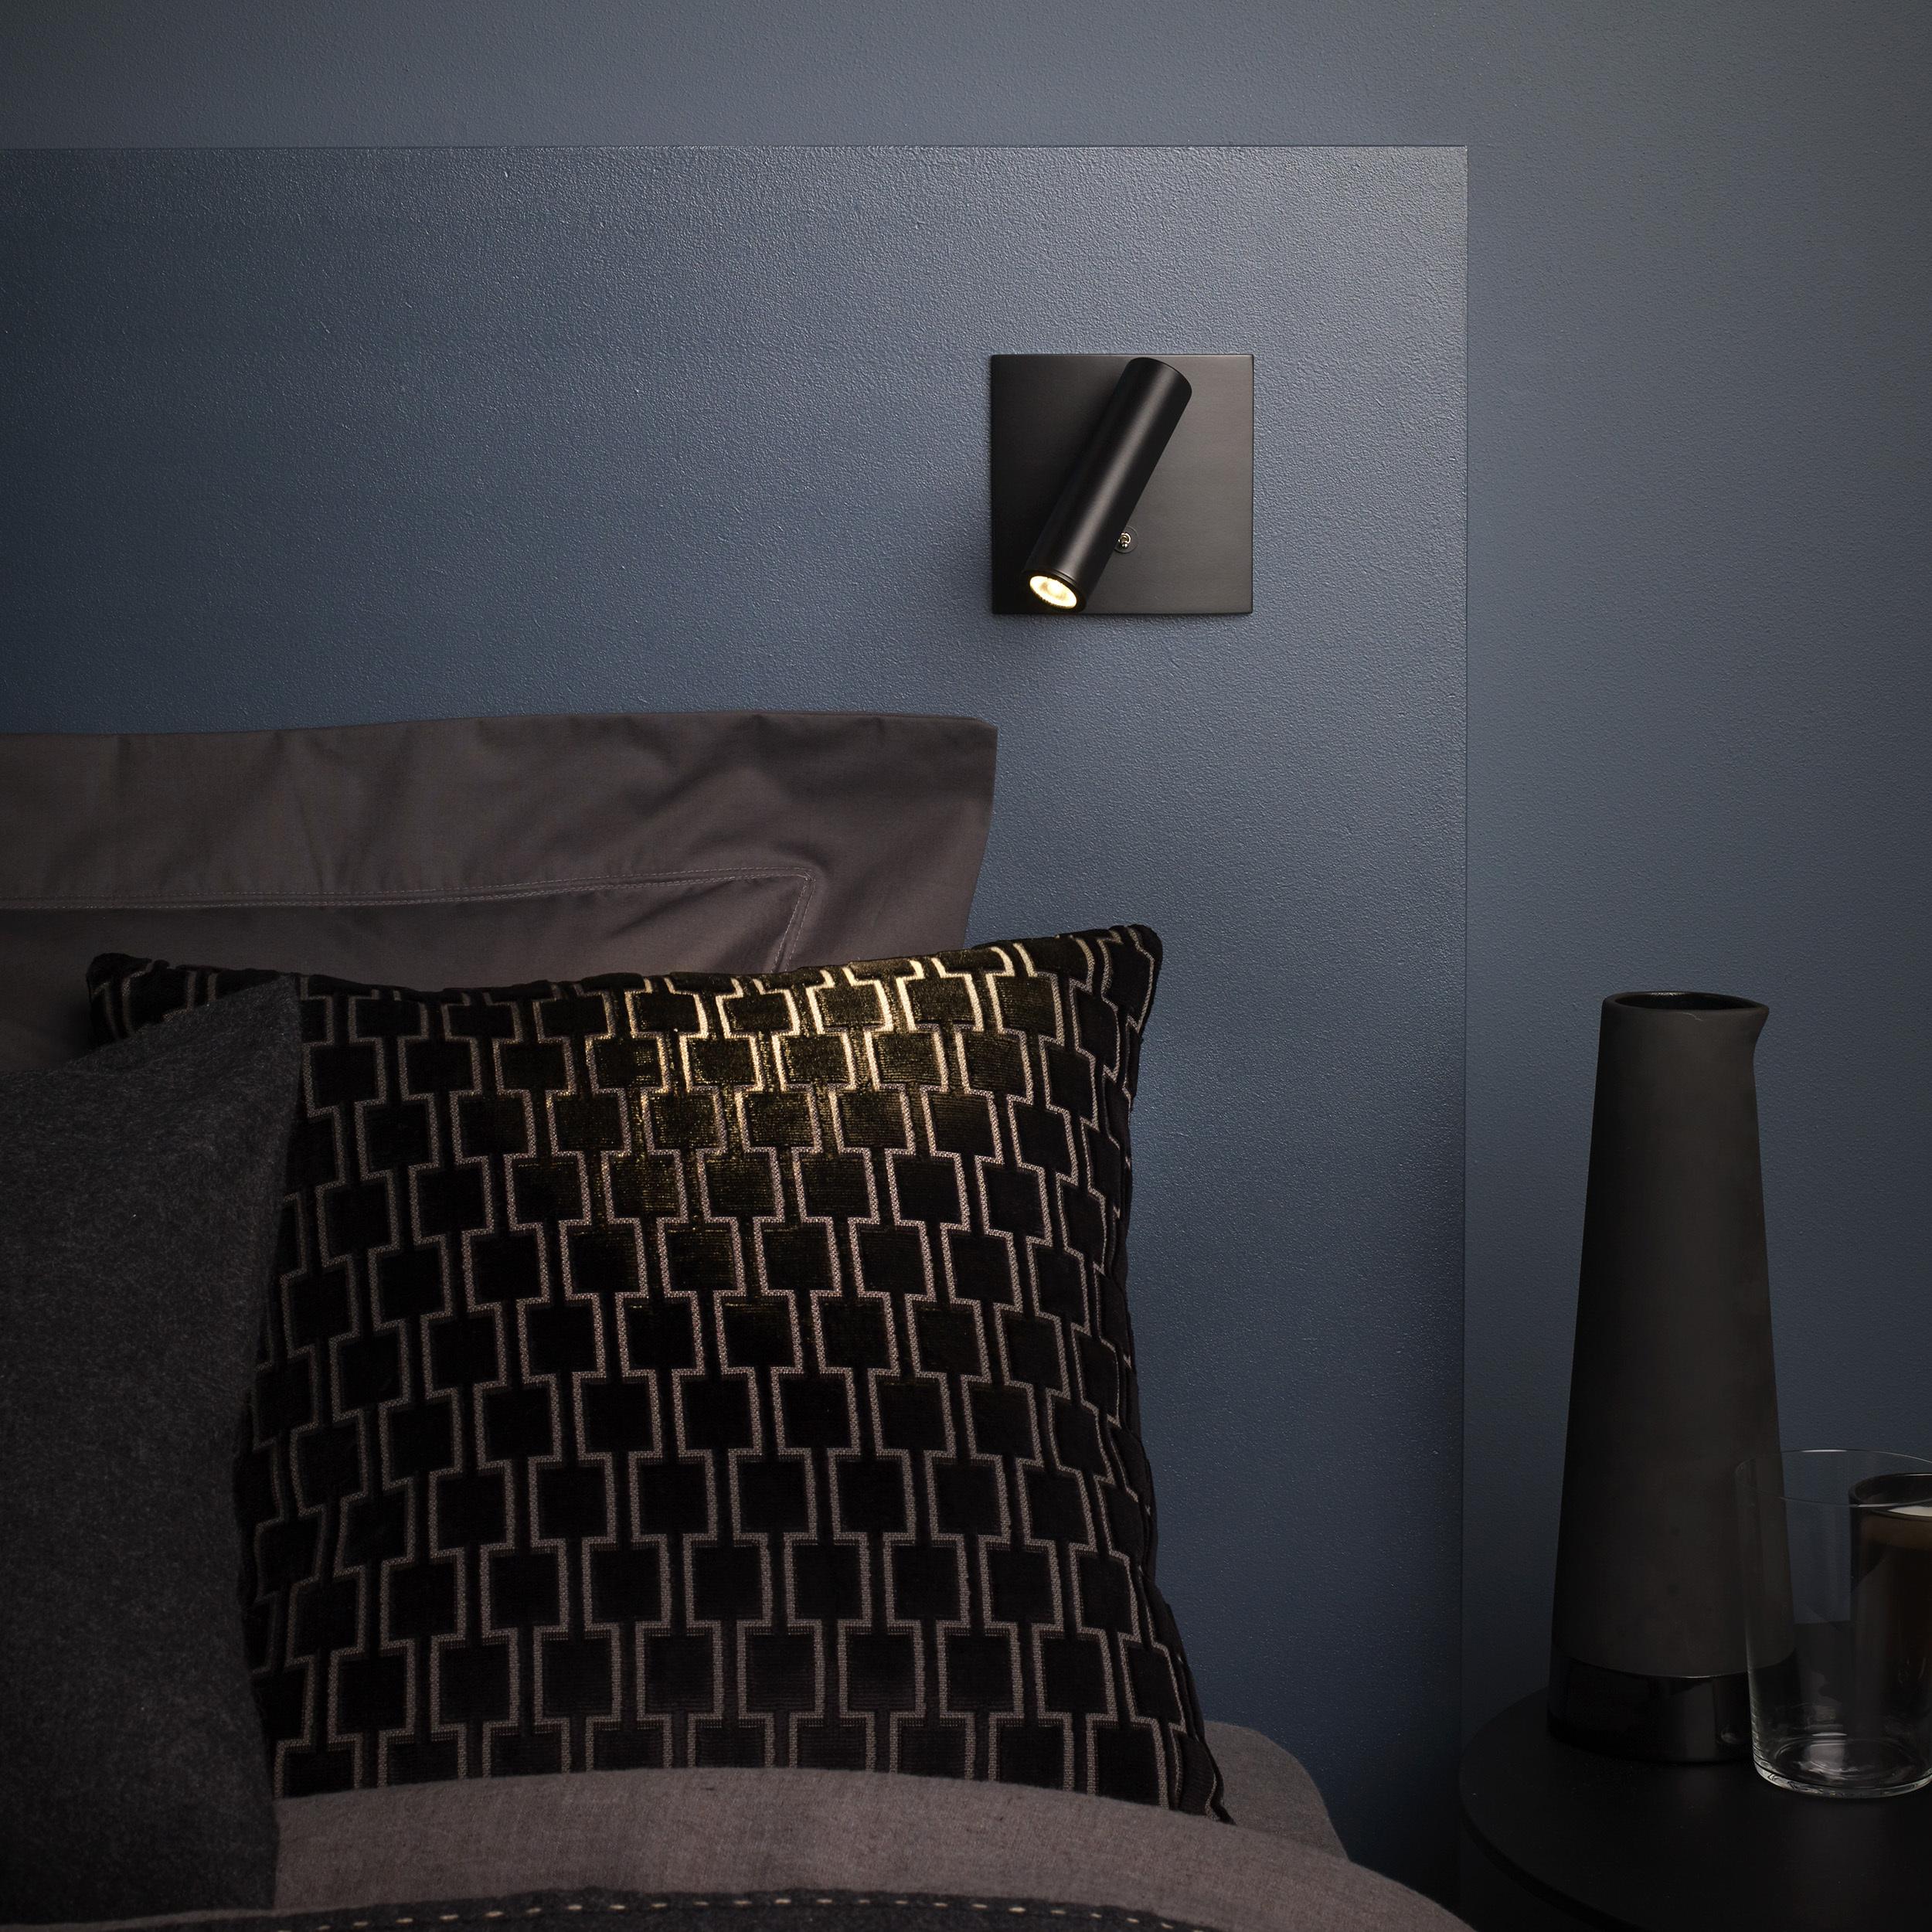 Встраиваемый настенный светодиодный светильник с регулировкой направления света Astro Enna 1058024 (7496), LED 4,47W 2700K 111.44lm CRI80, черный, металл - фото 3